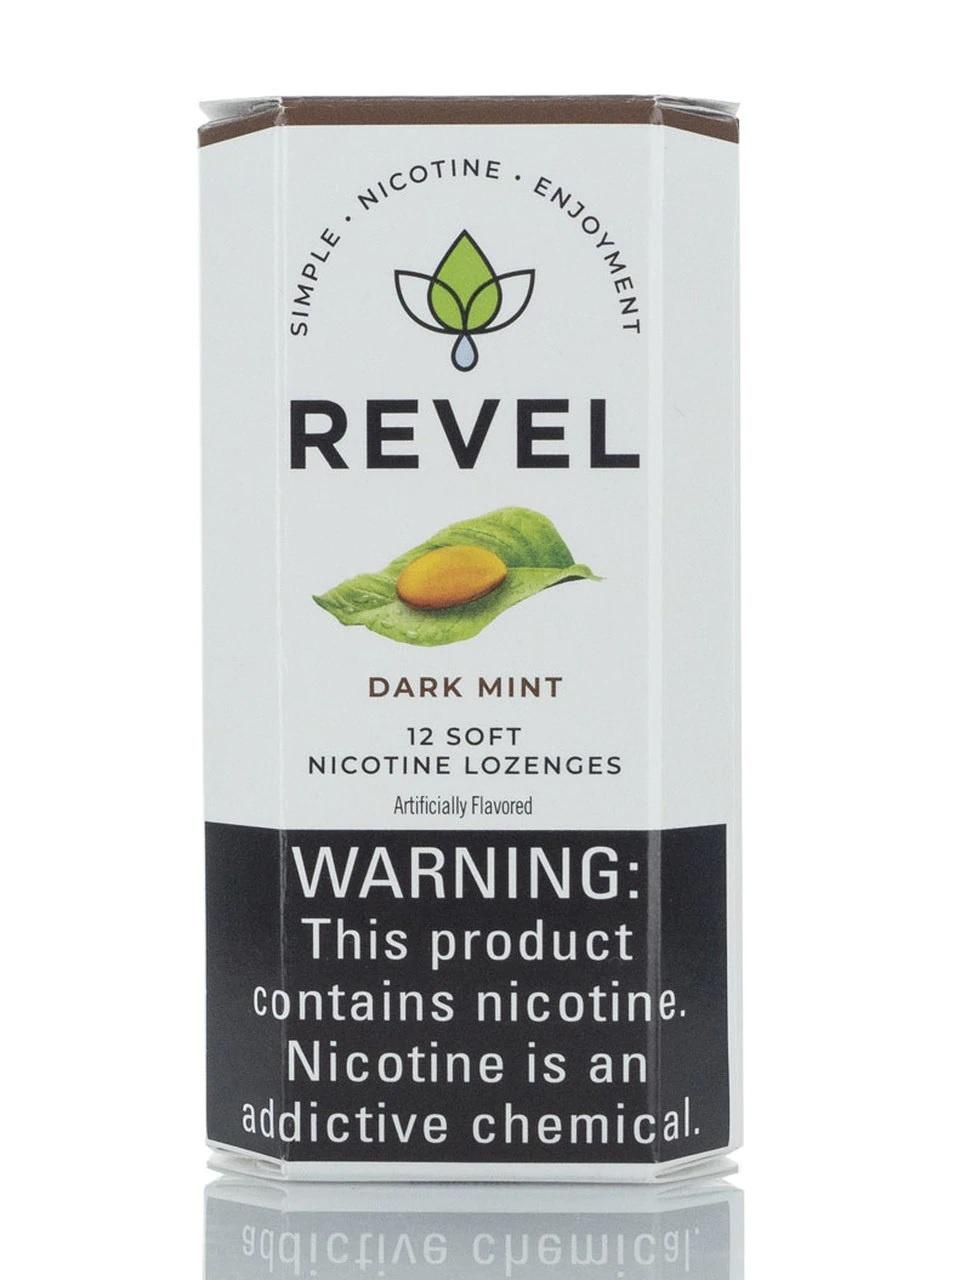 Revel Nicotine Lozenges